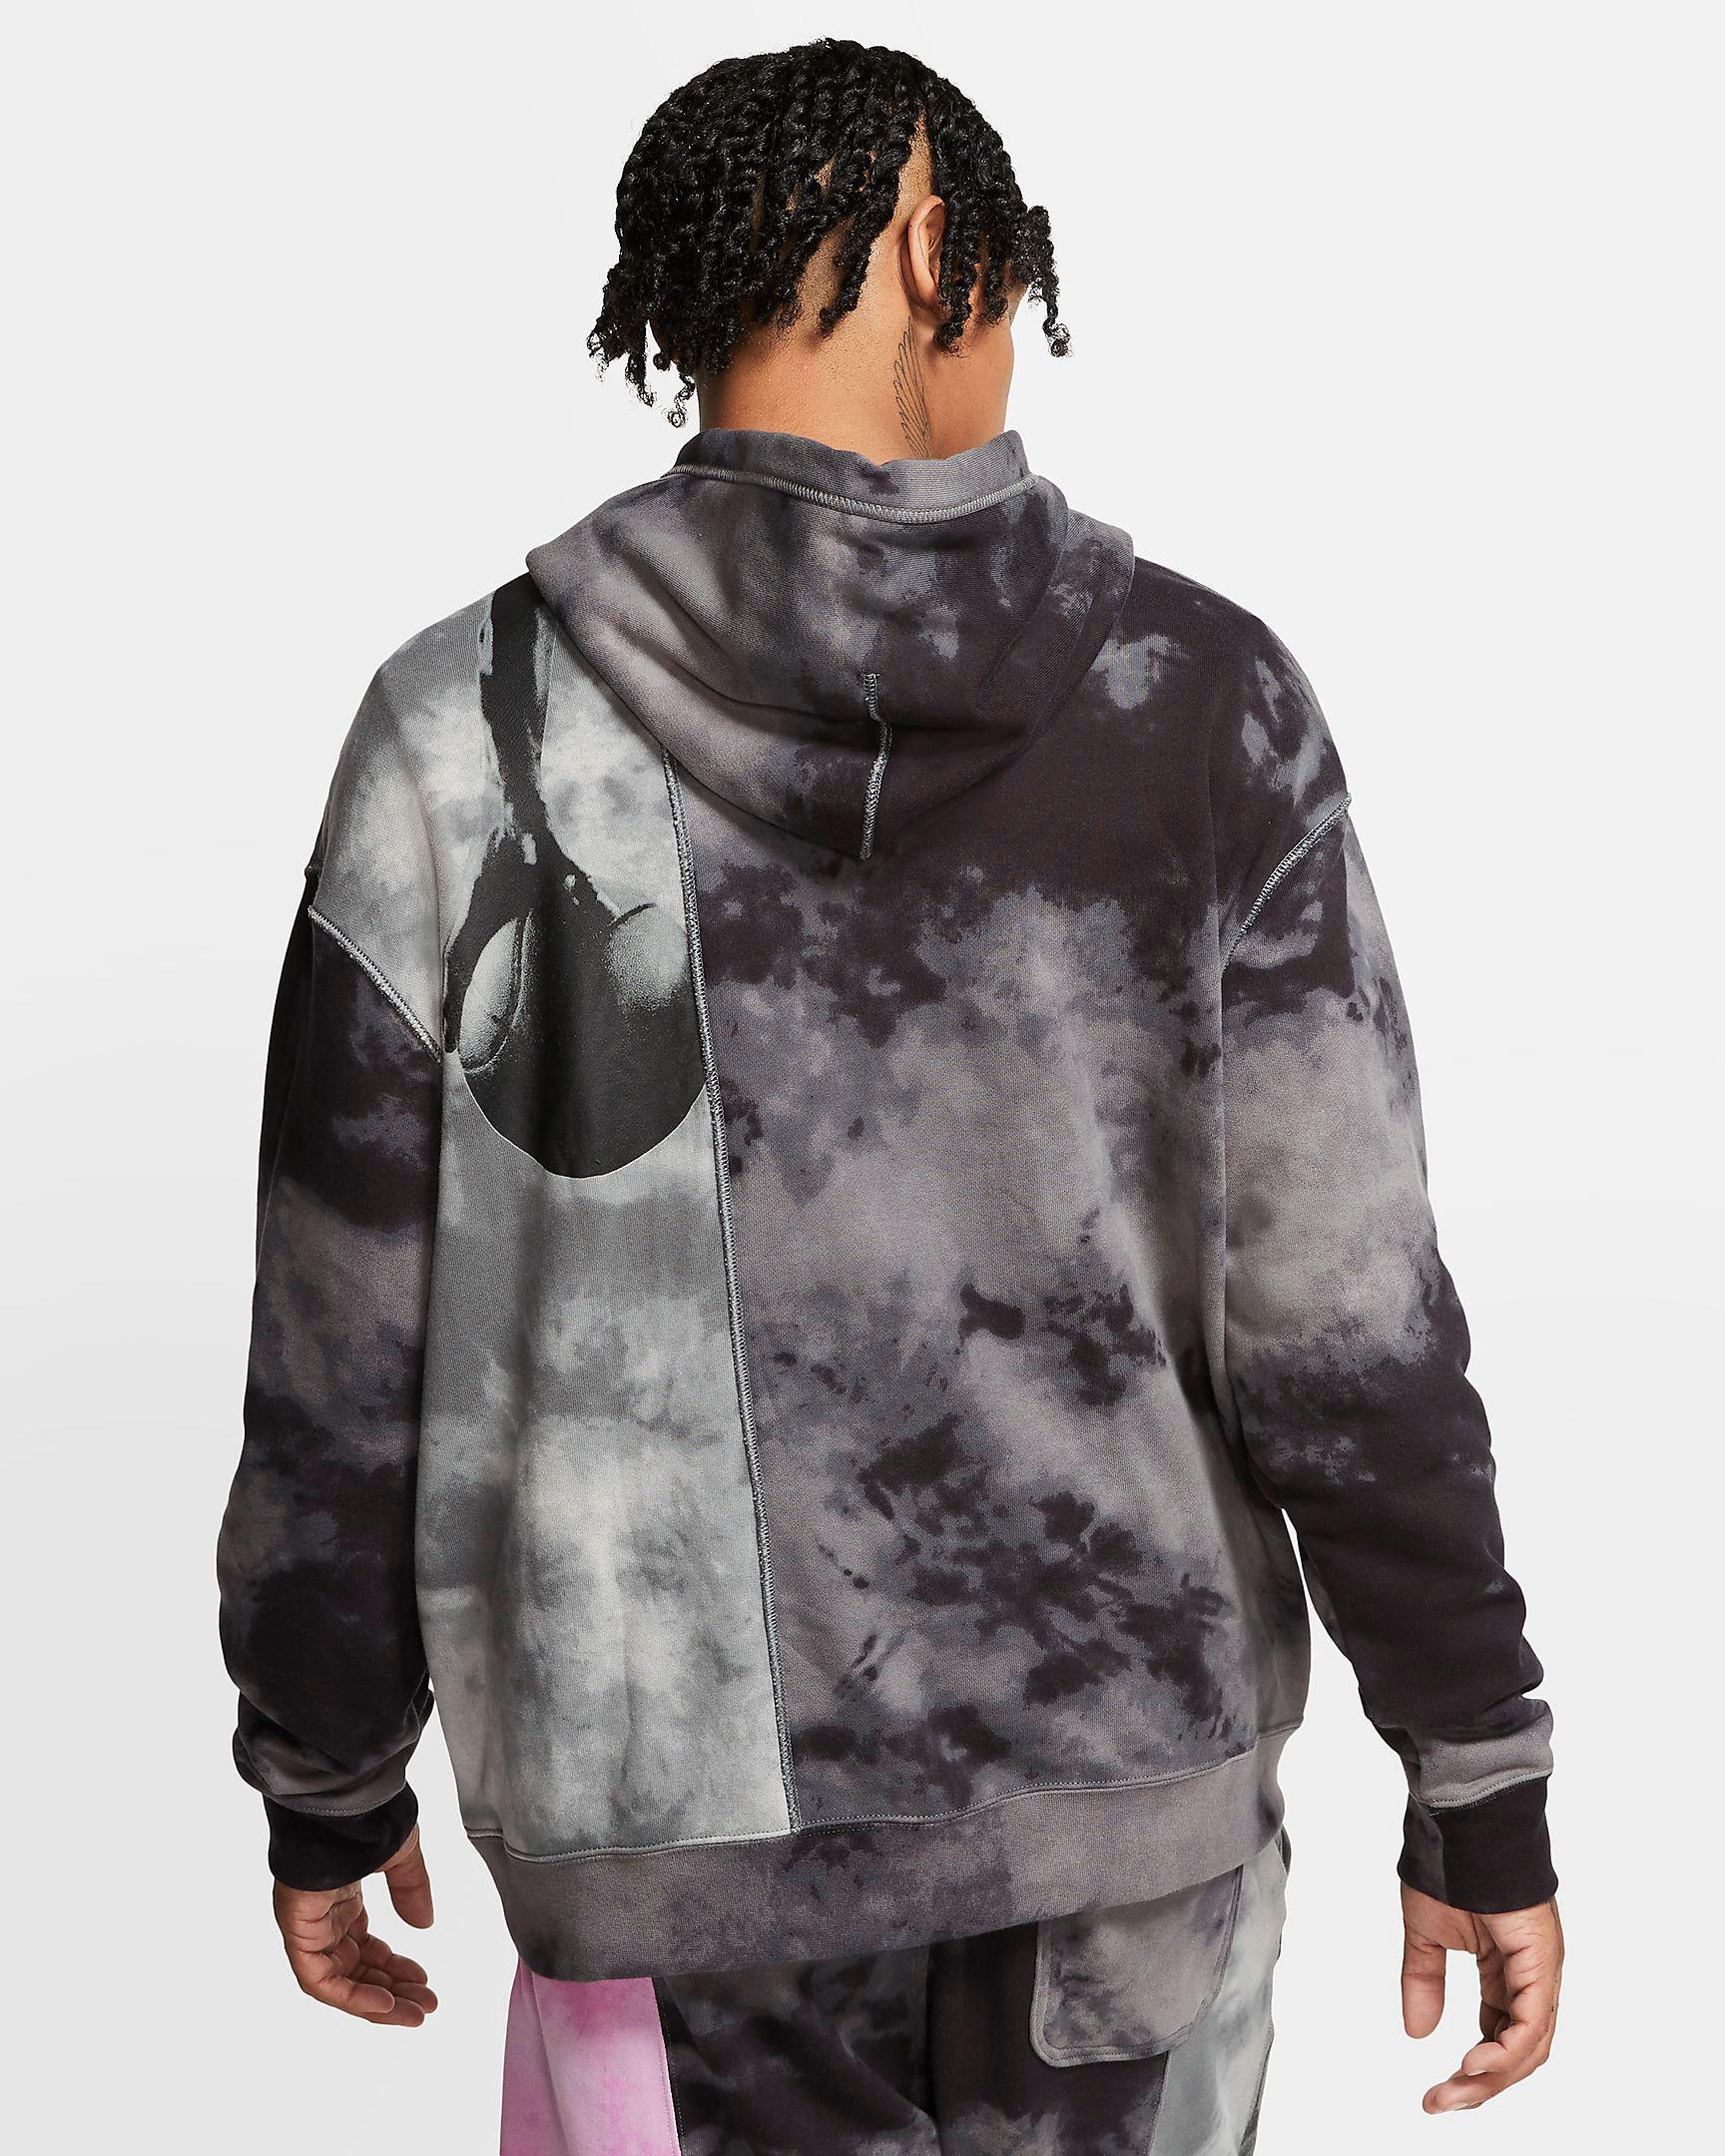 jordan-9-black-smoke-grey-hoodie-2